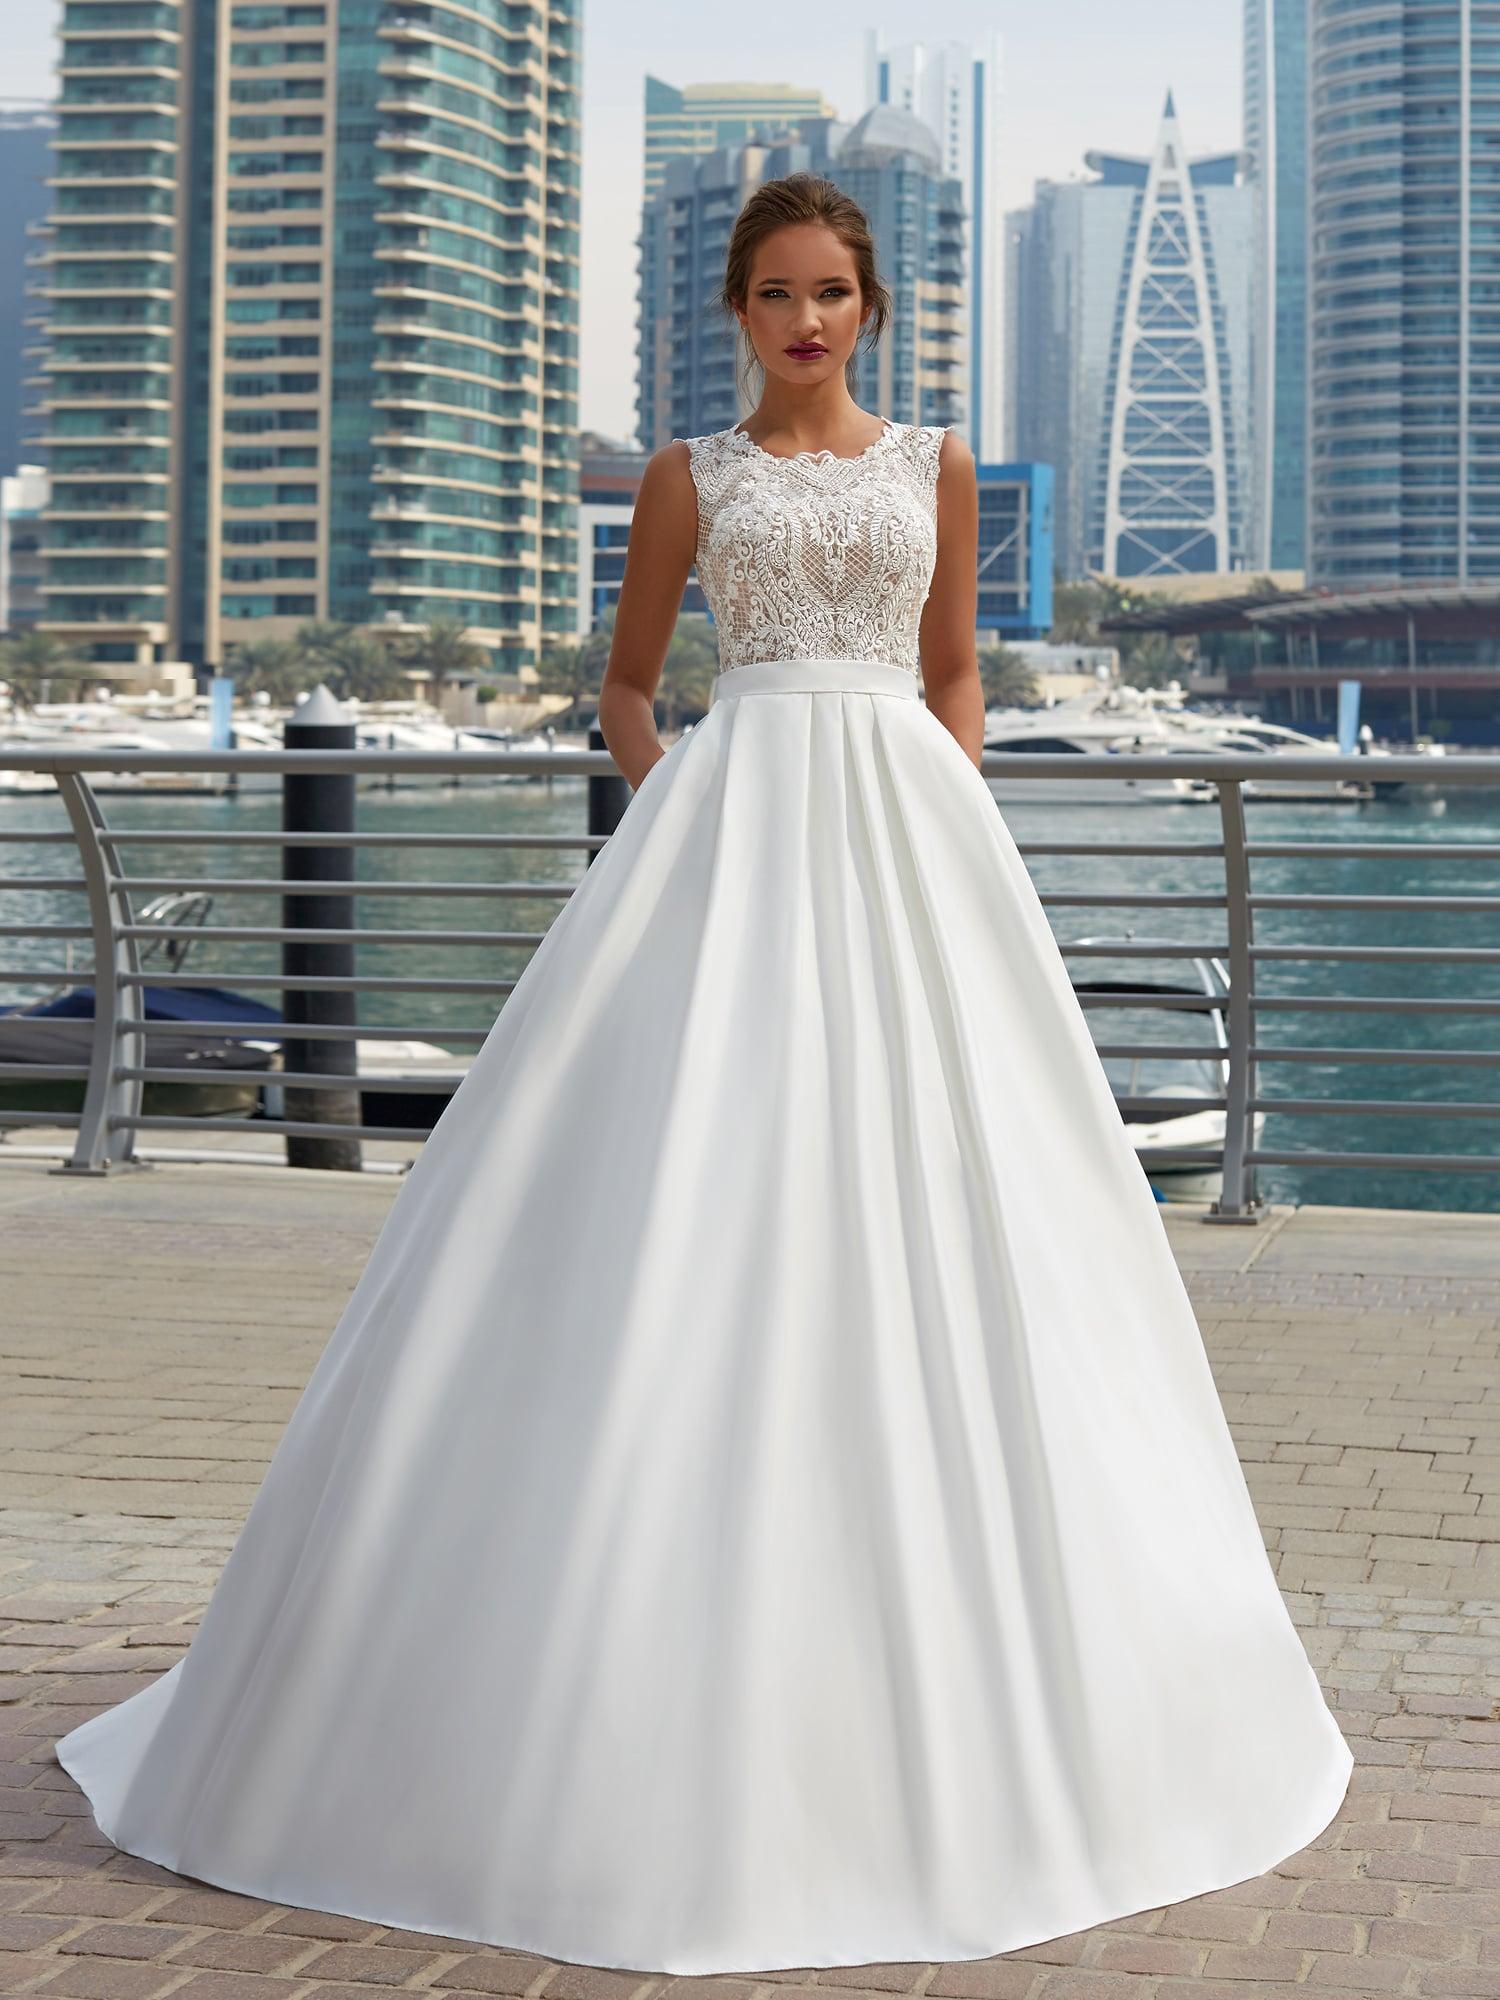 96b12a41b62 Изысканное свадебное платье с закрытым ажурным верхом и юбкой со скрытыми  карманами.